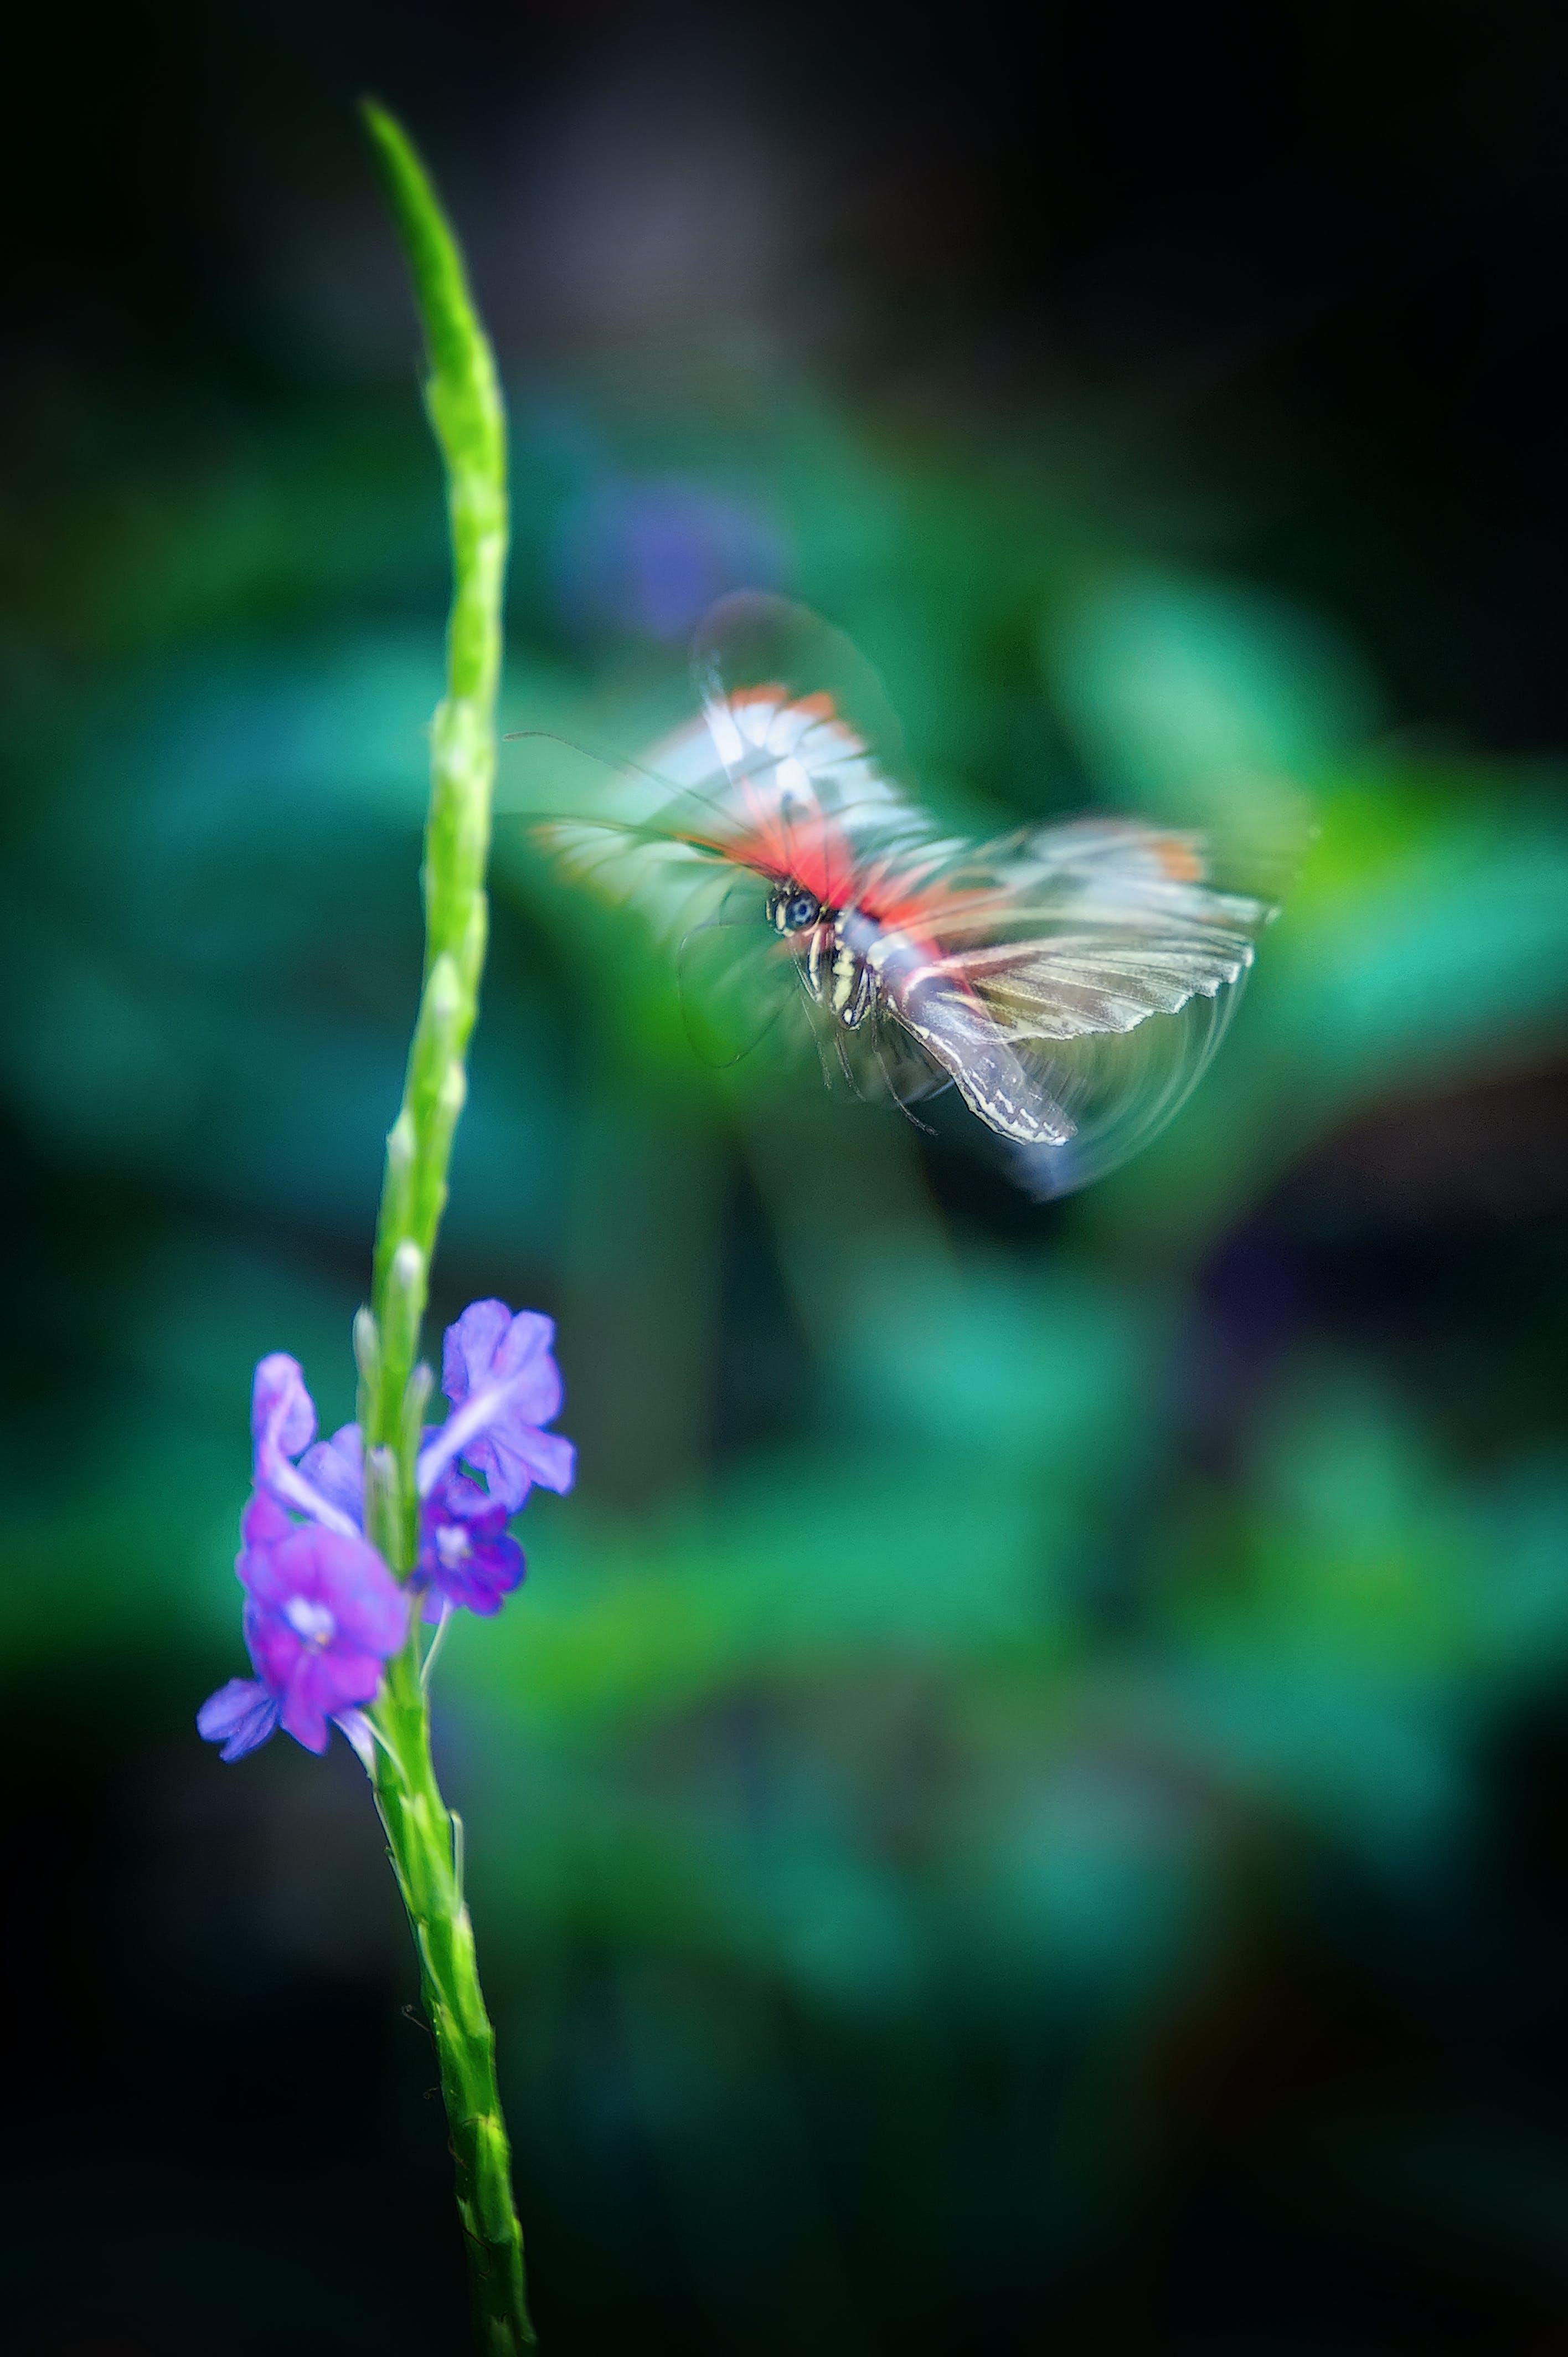 Kostenloses Stock Foto zu blume, draußen, farbe, fliegen